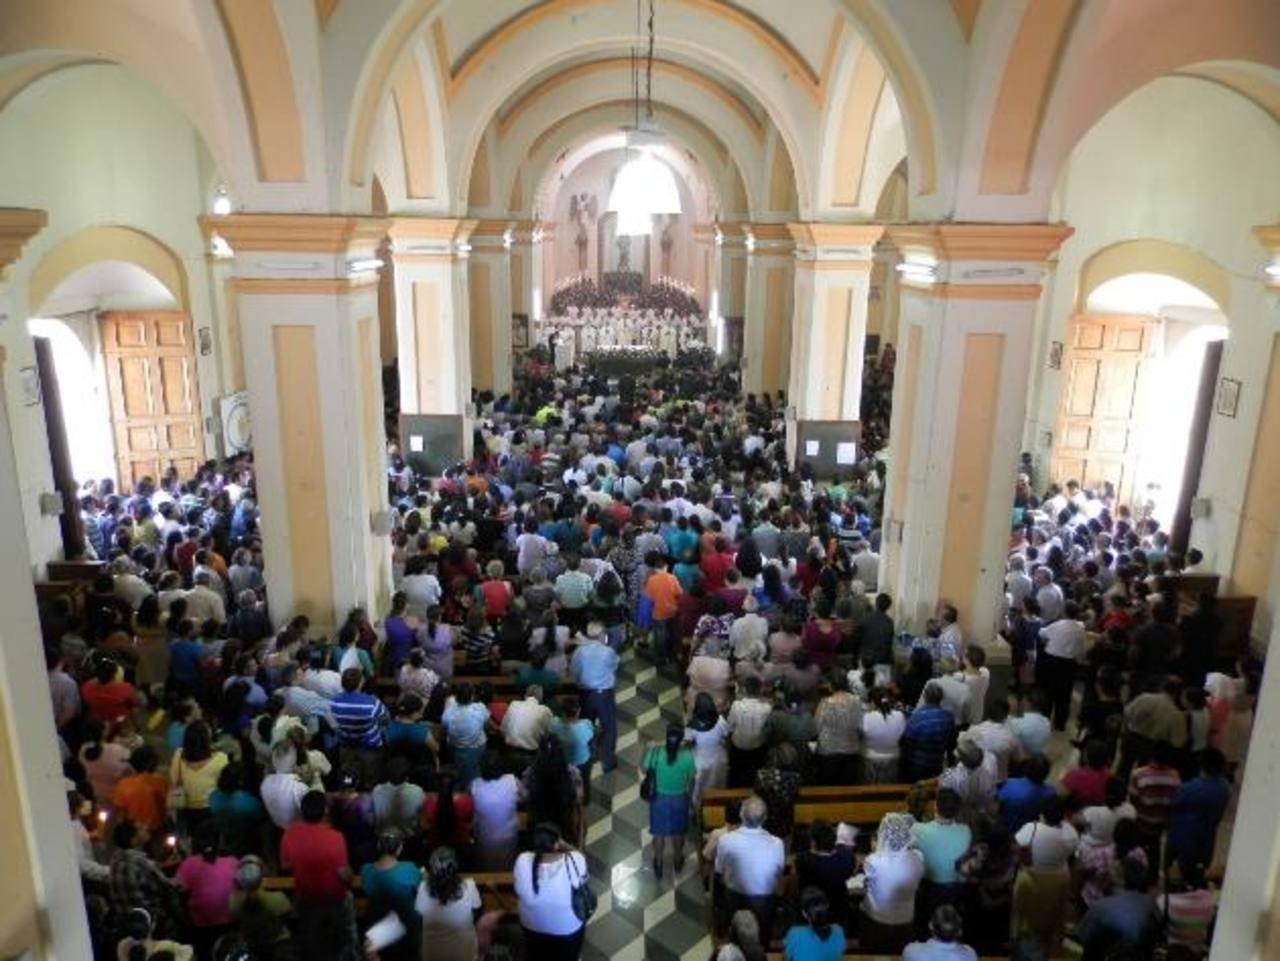 Los ciudadanos despidieron las fiestas en honor a la Virgen de Candelaria con una solemne misa. Foto EDH / Milton Jaco